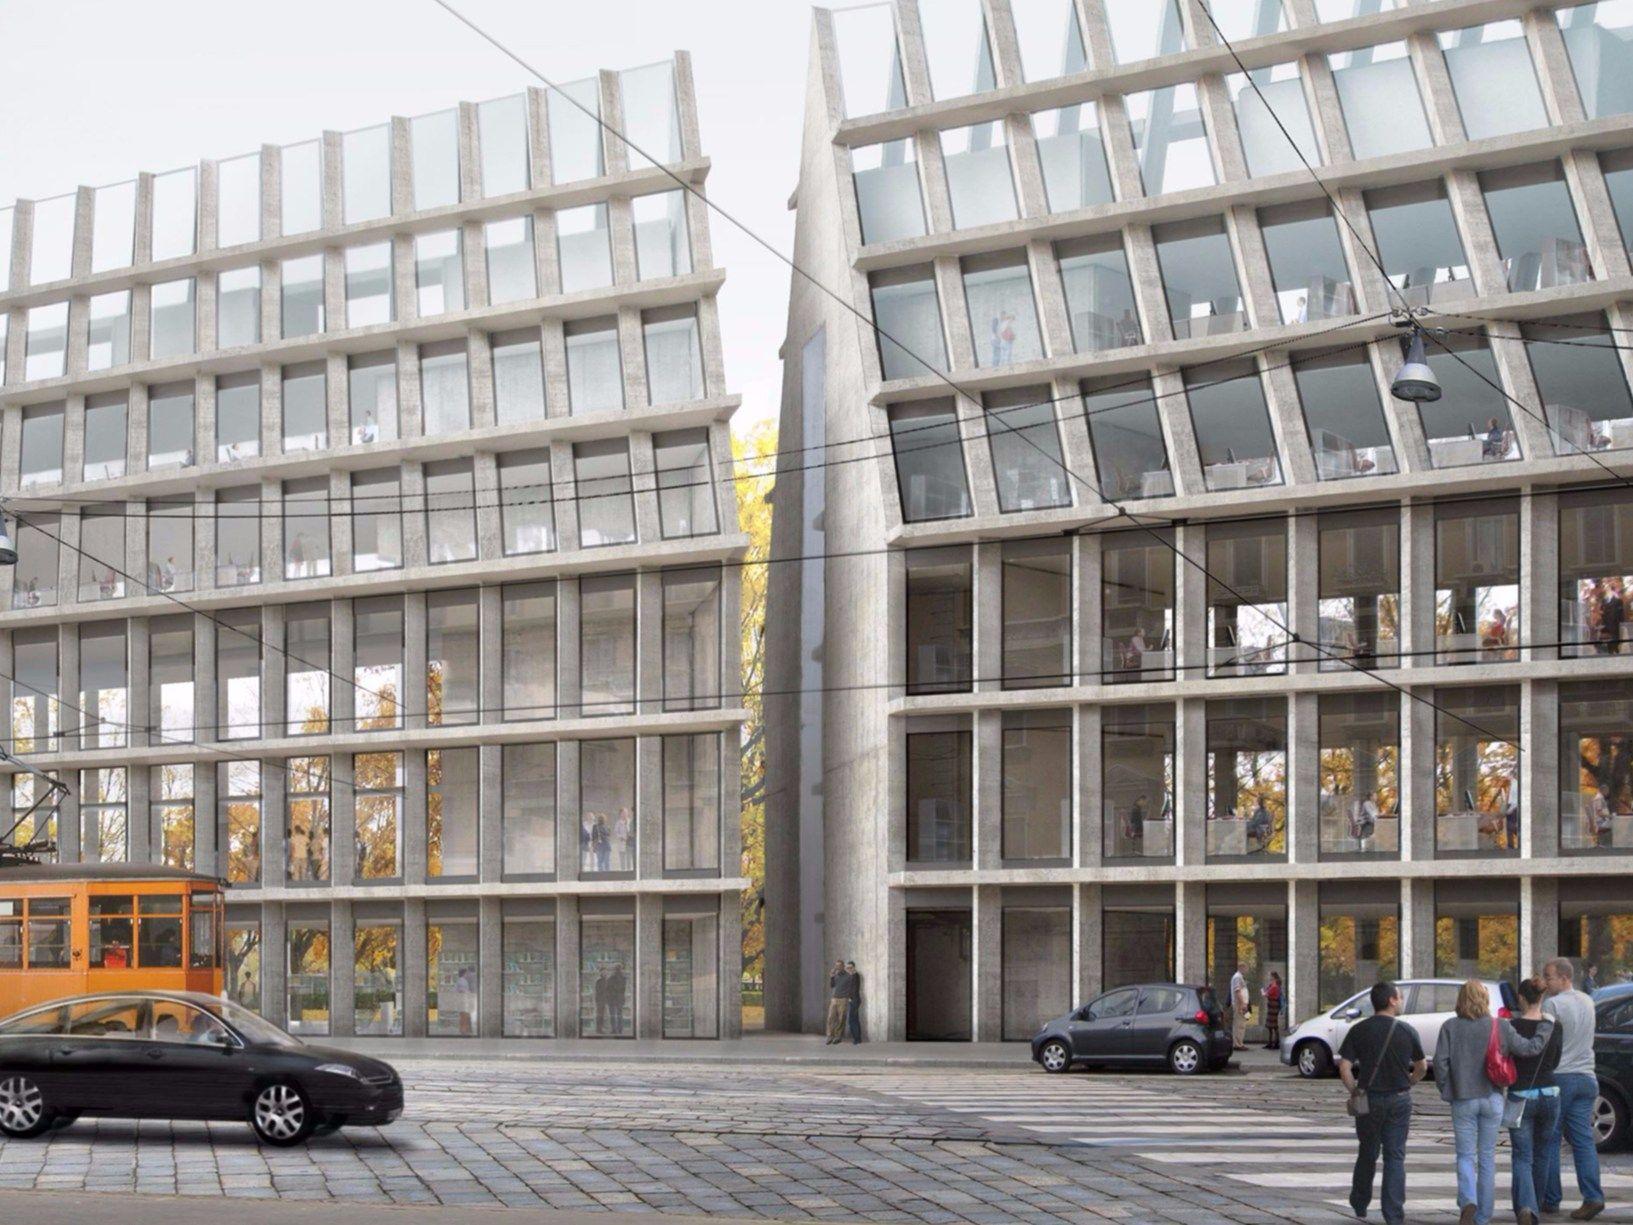 Apre a dicembre la nuova sede della Fondazione Feltrinelli